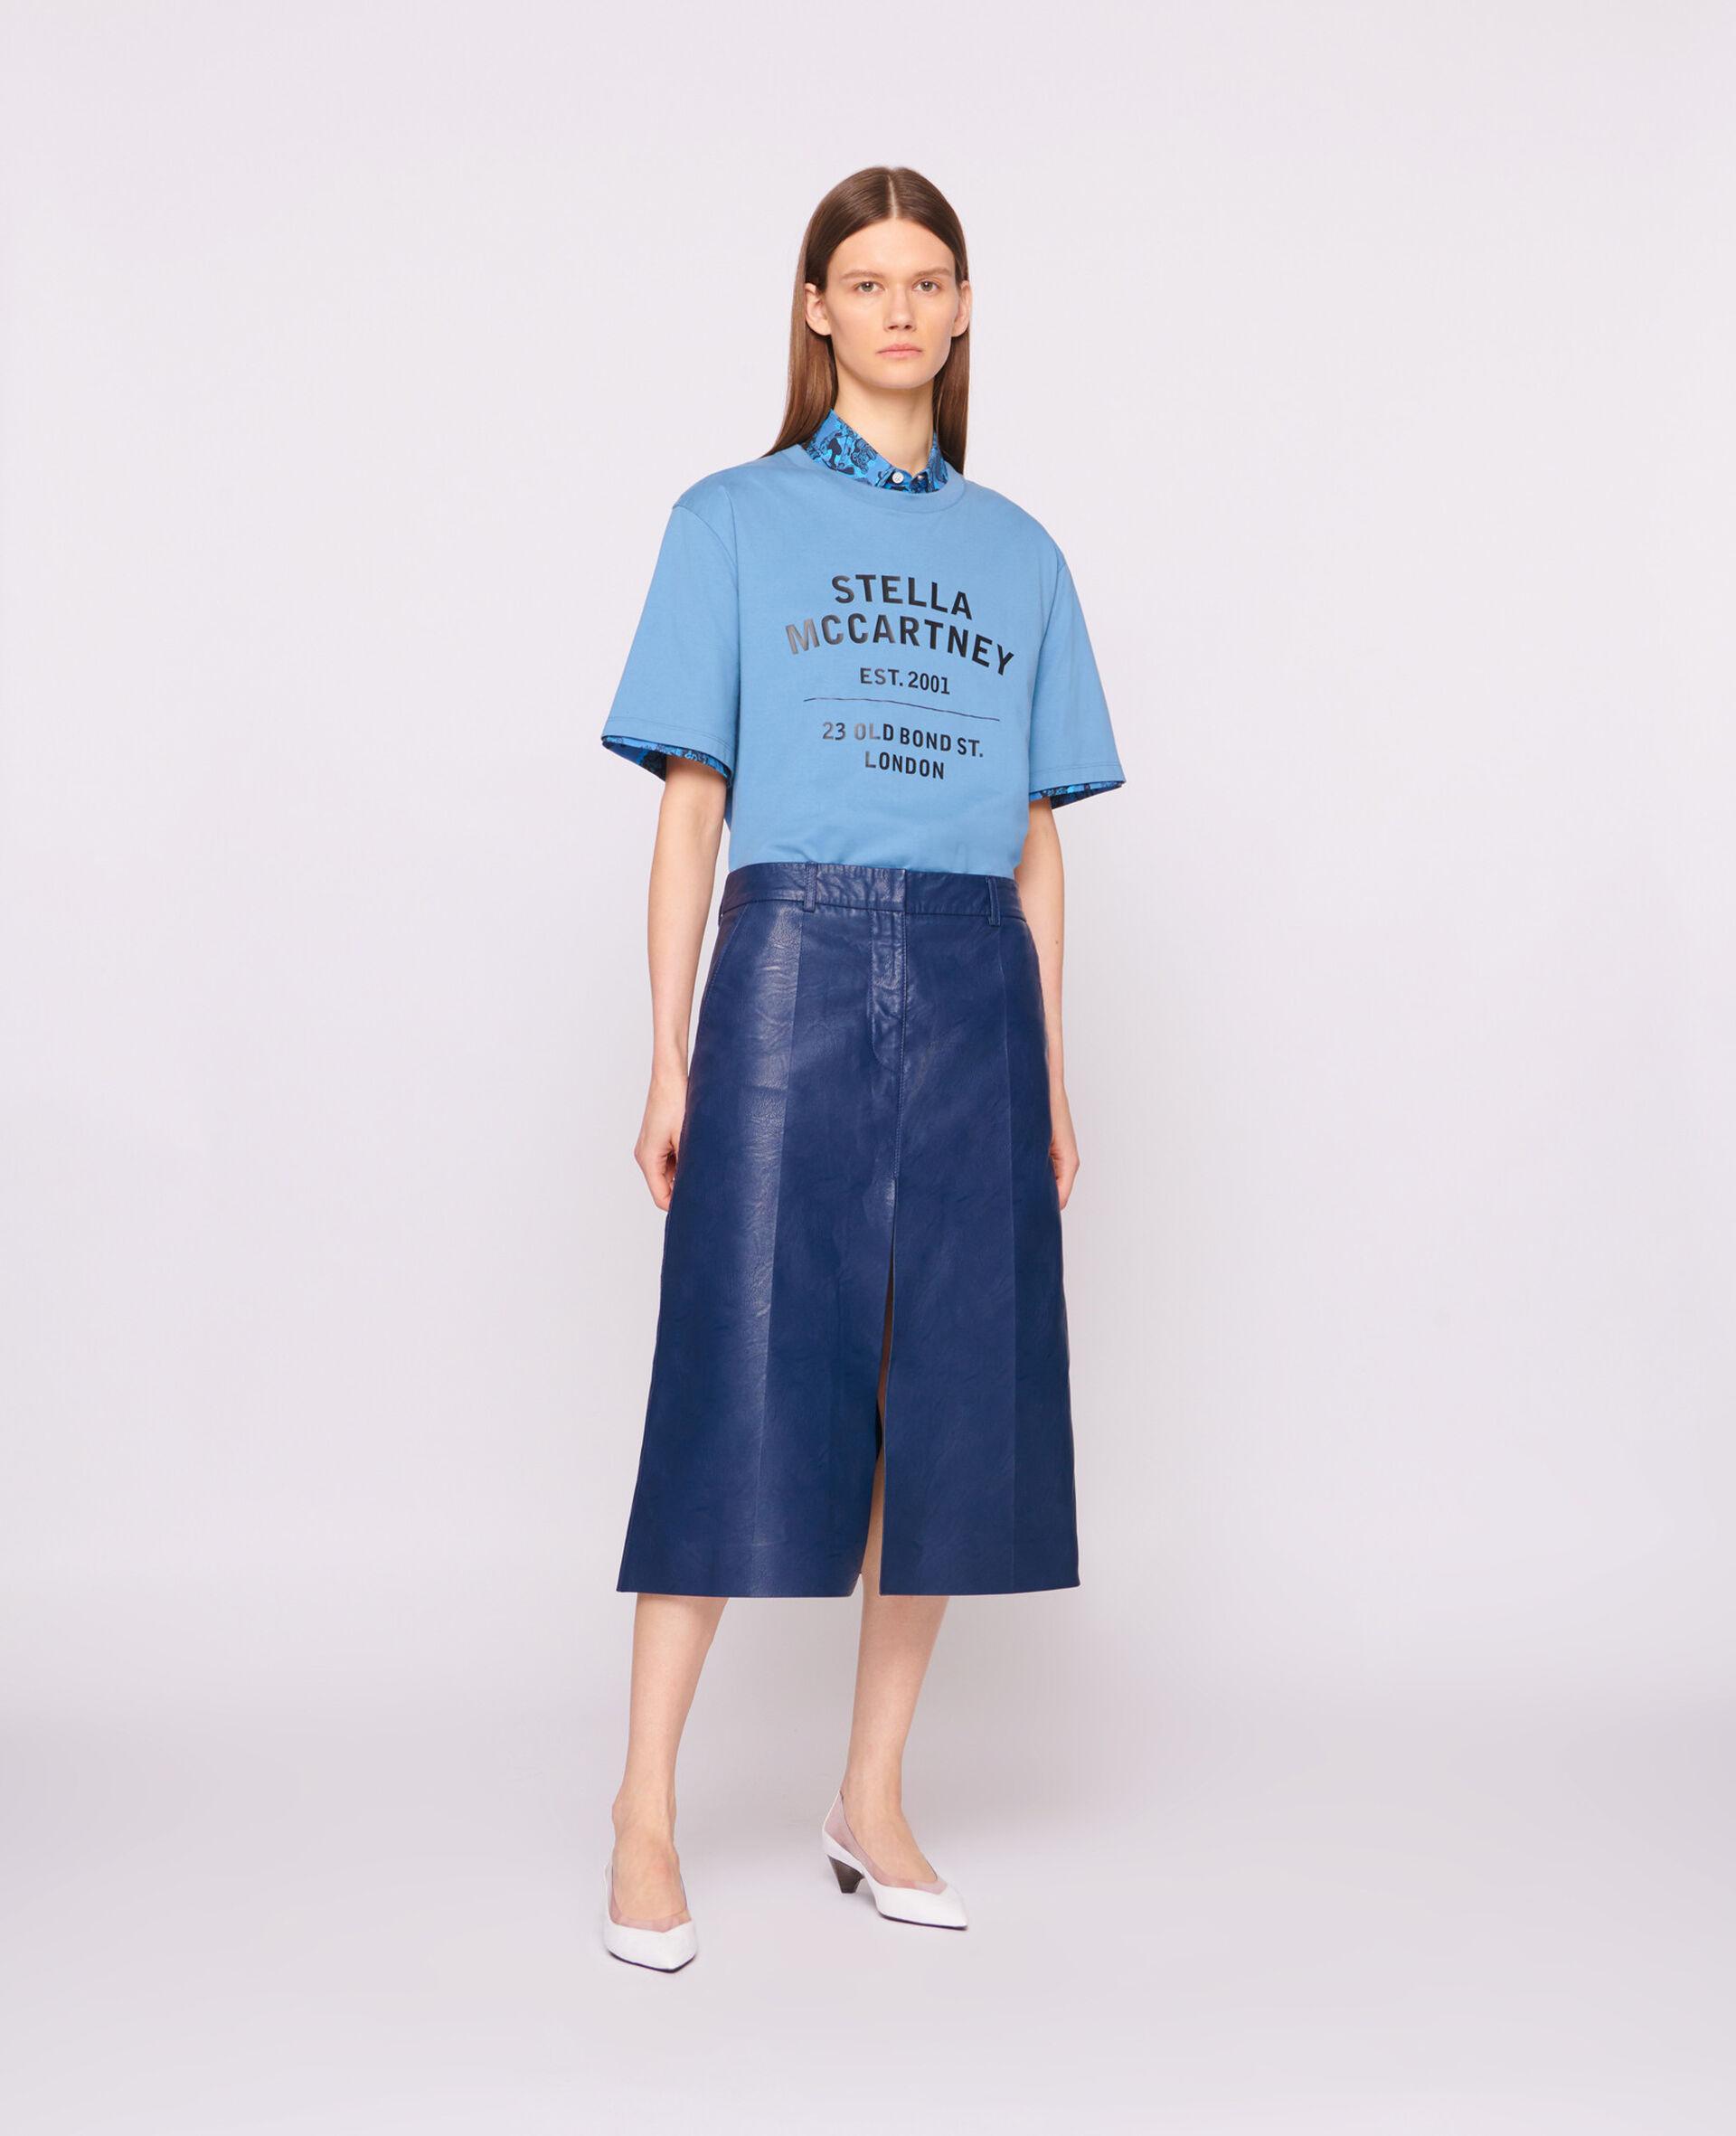 T-Shirt 23 OBS aus Bio-Baumwolle-Schwarz-large image number 3